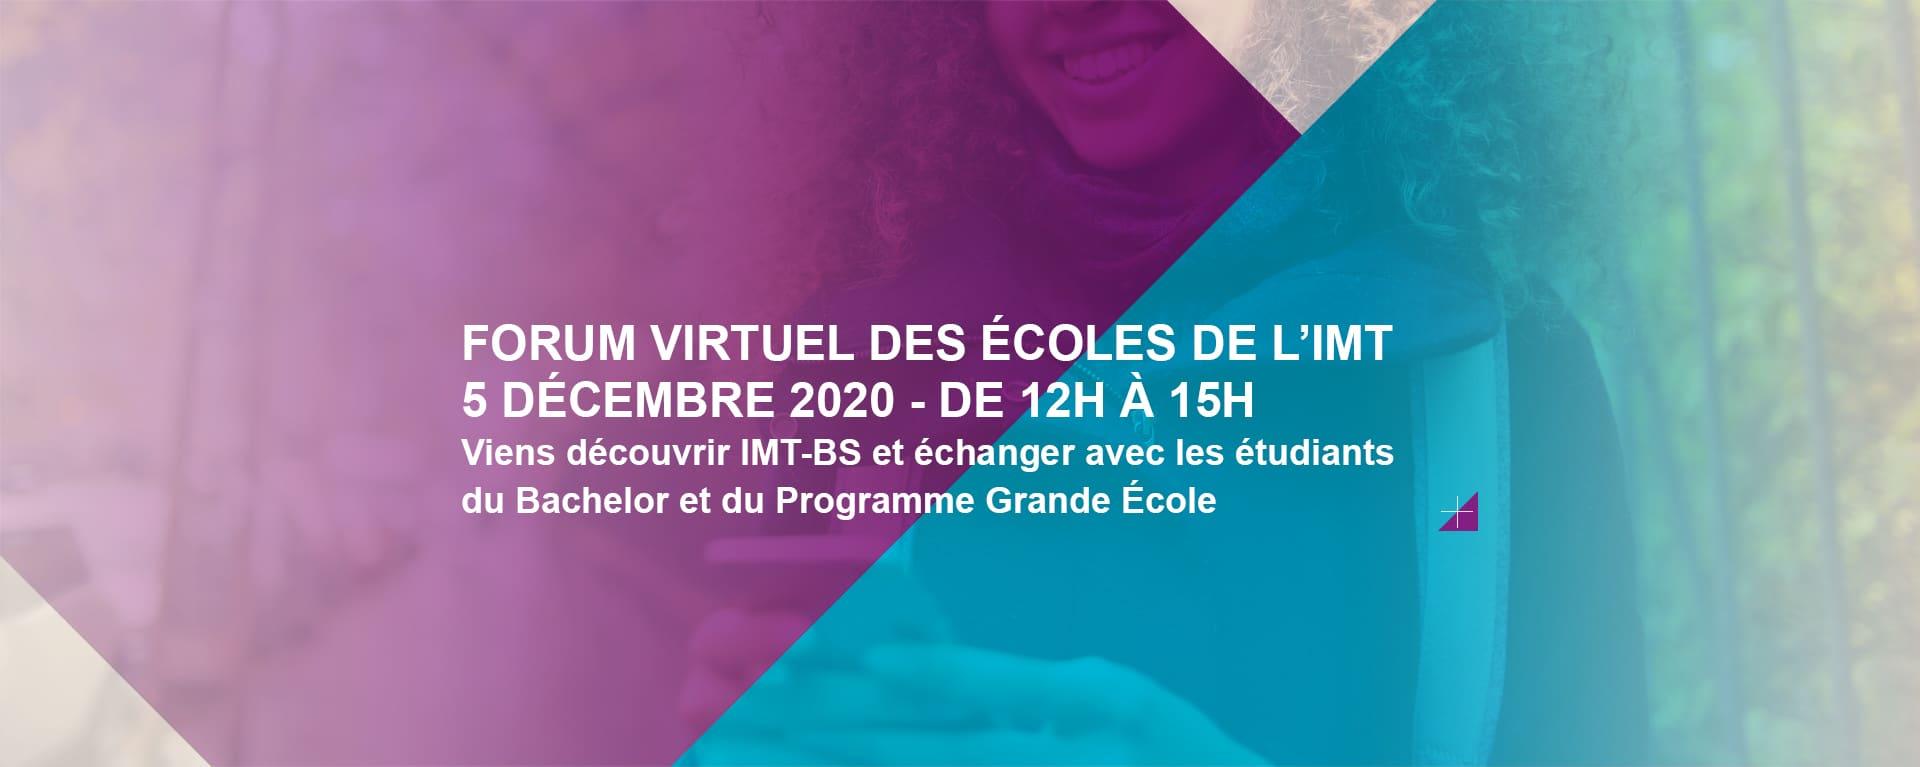 Forum virtuel des écoles de l'IMT